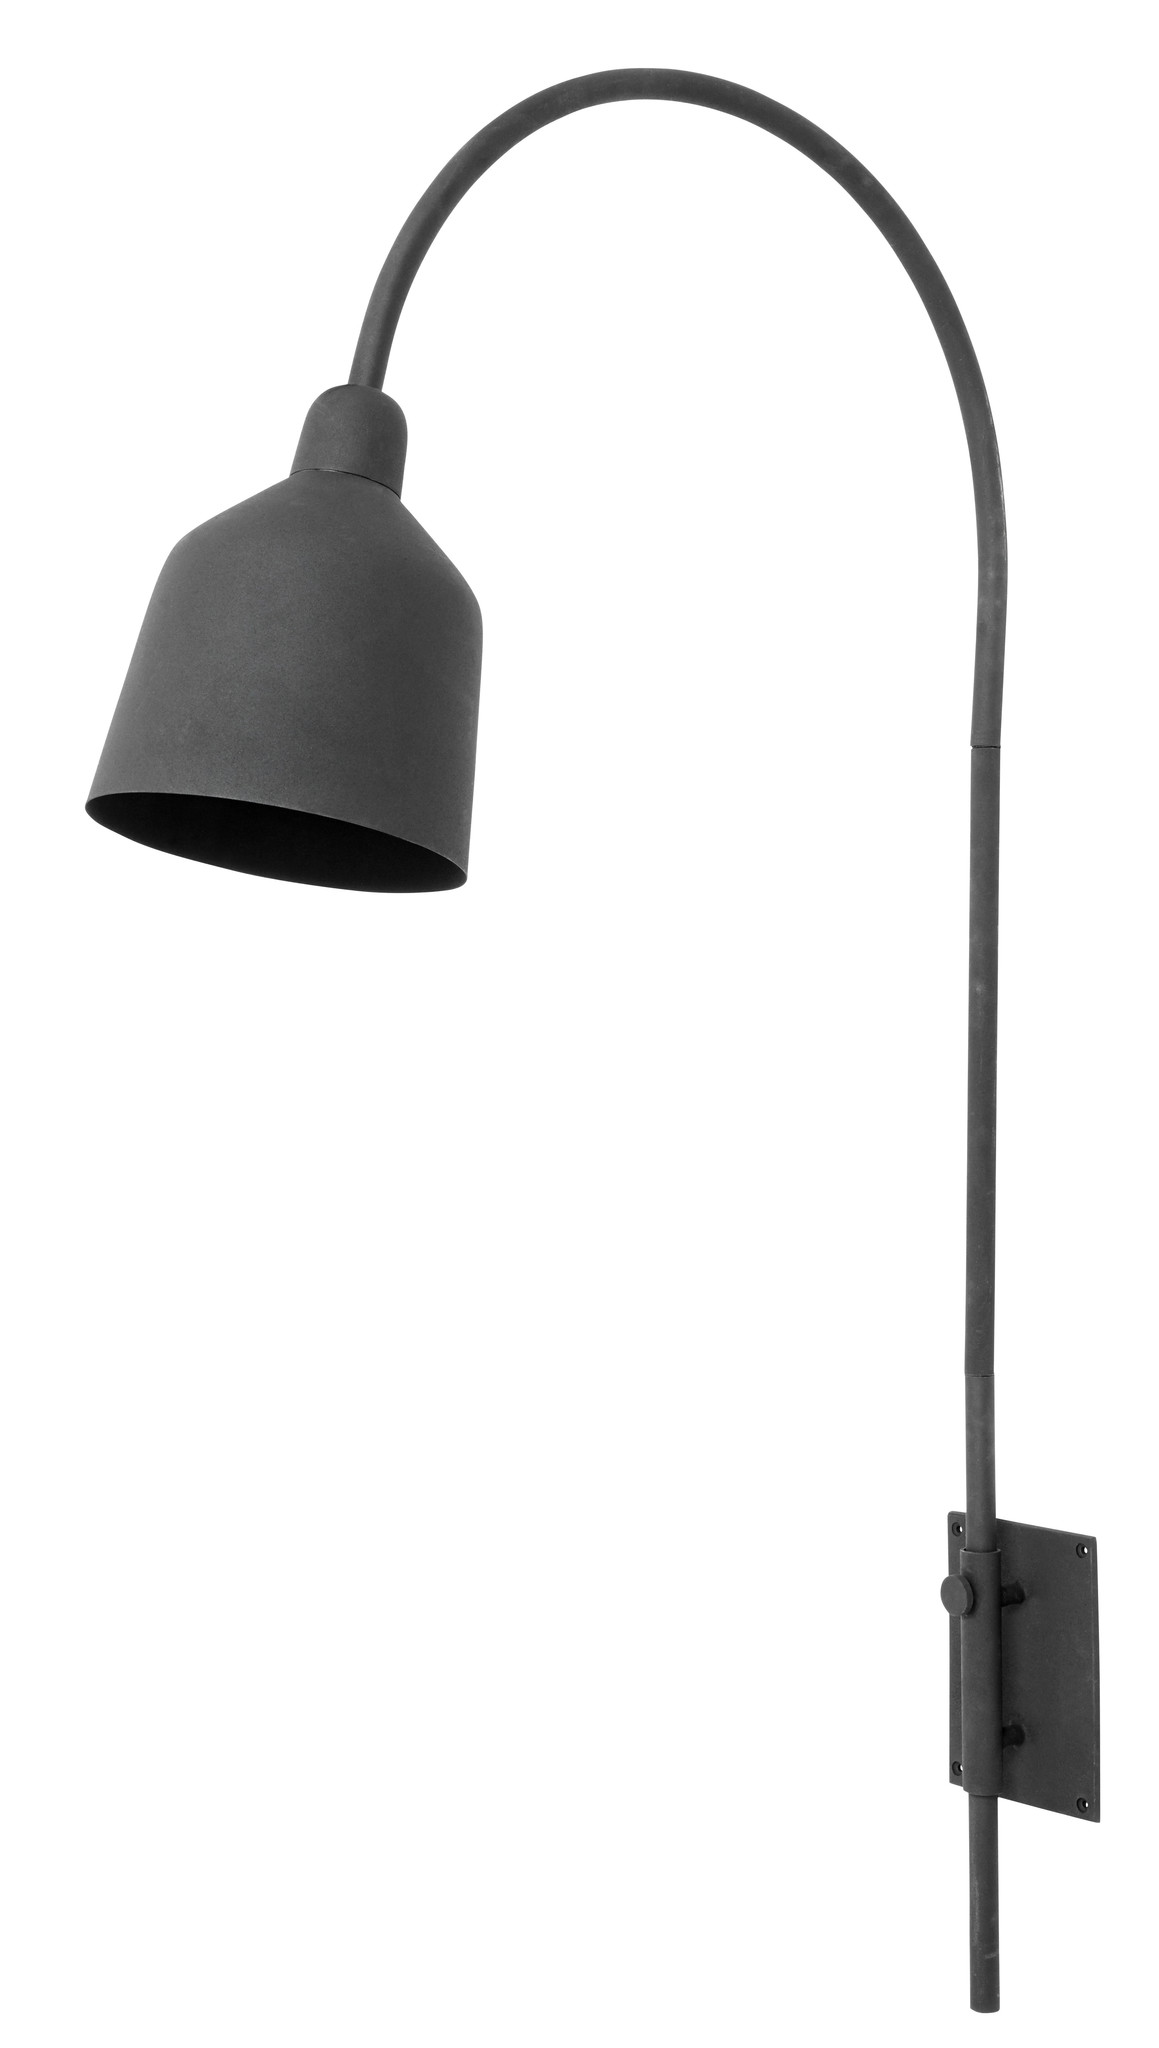 Nordal wandlamp City, zwart